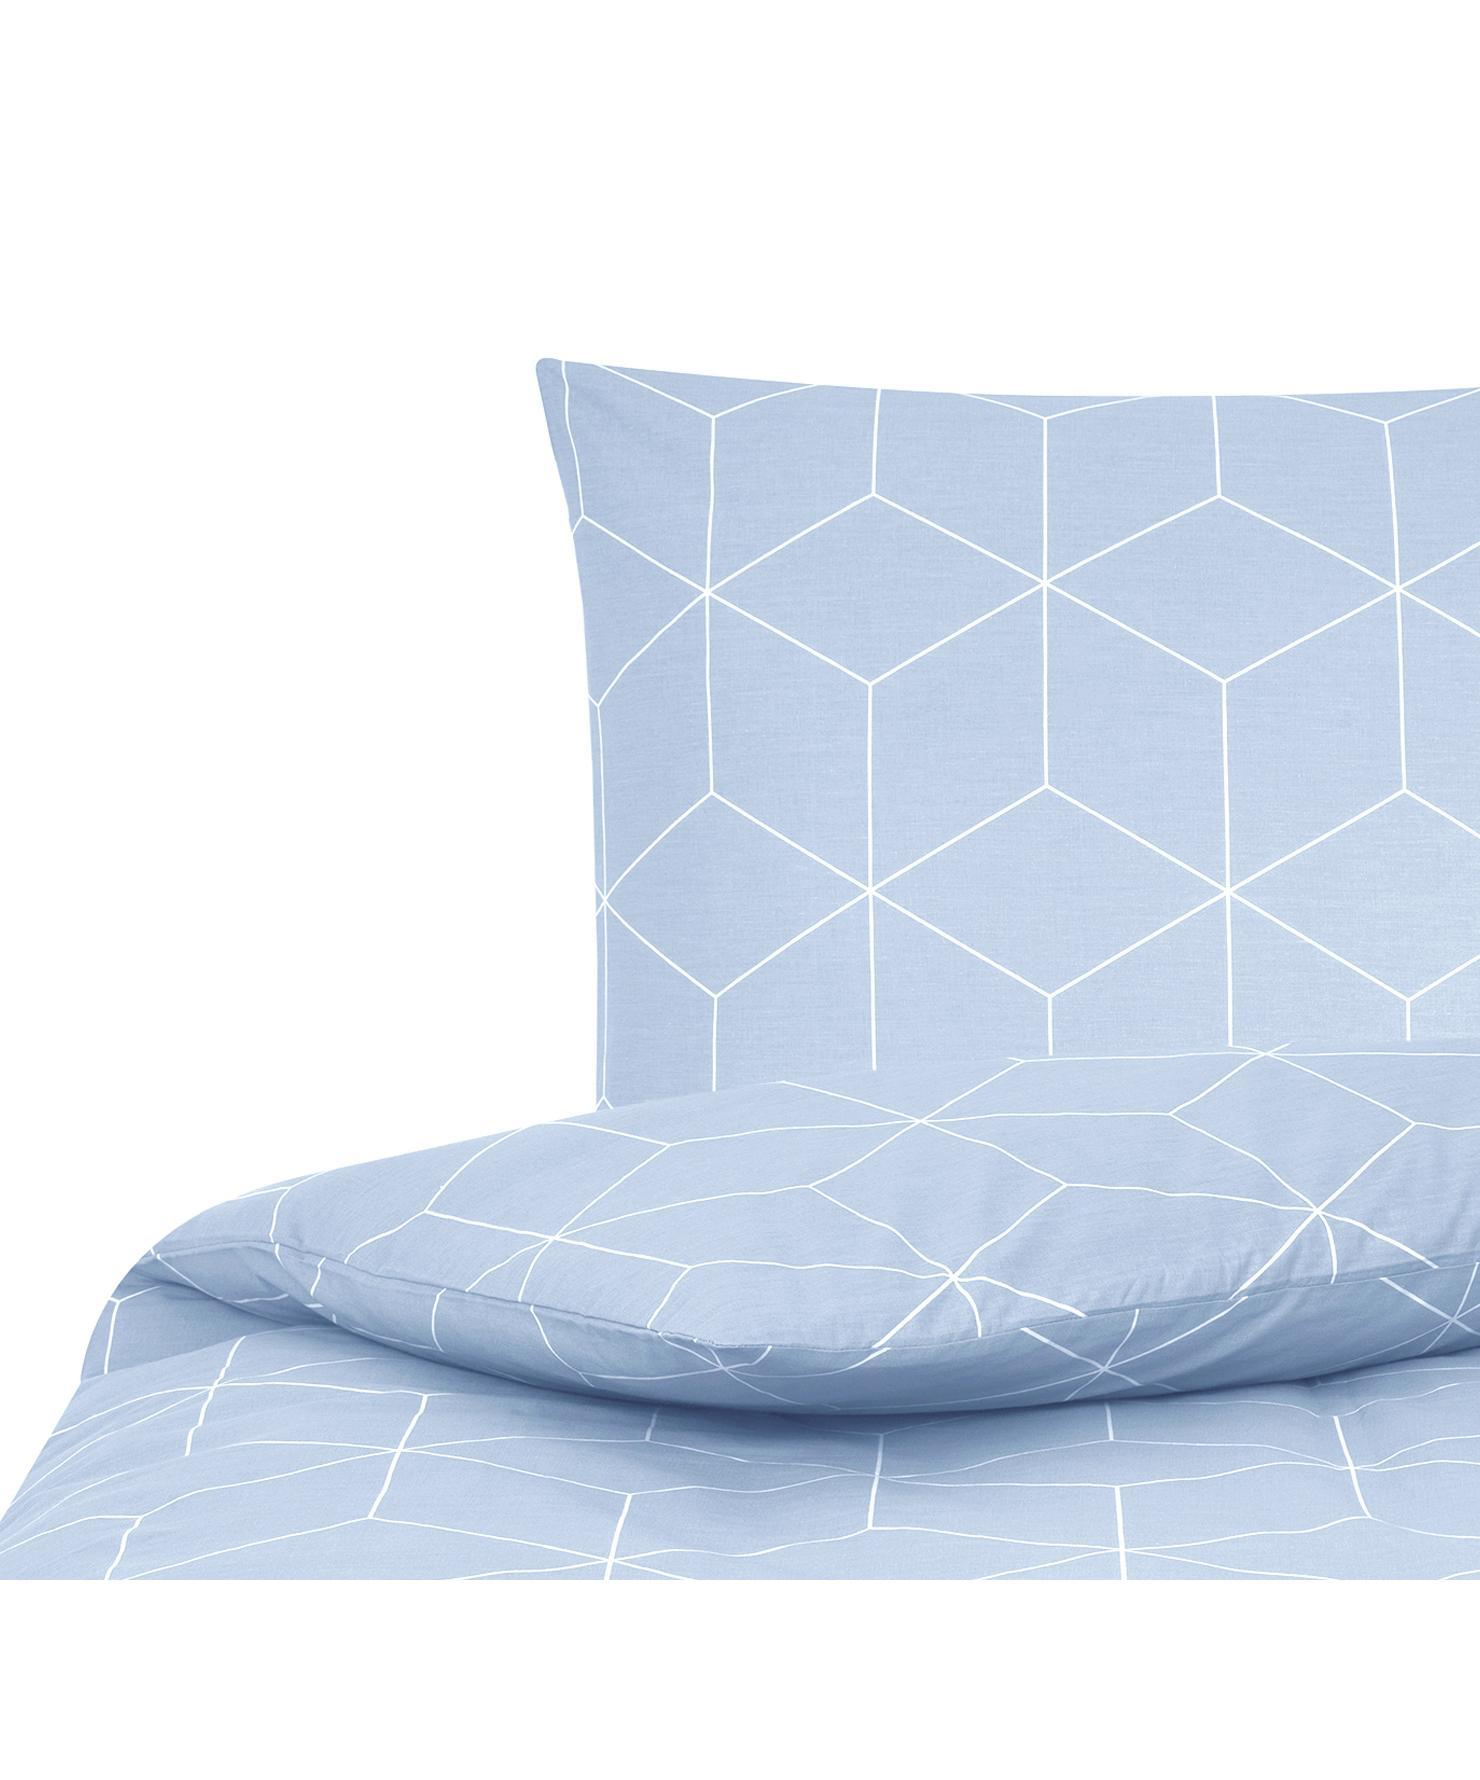 Baumwoll-Bettwäsche Lynn mit grafischem Muster, Webart: Renforcé Fadendichte 144 , Hellblau, Cremeweiß, 155 x 220 cm + 1 Kissen 80 x 80 cm